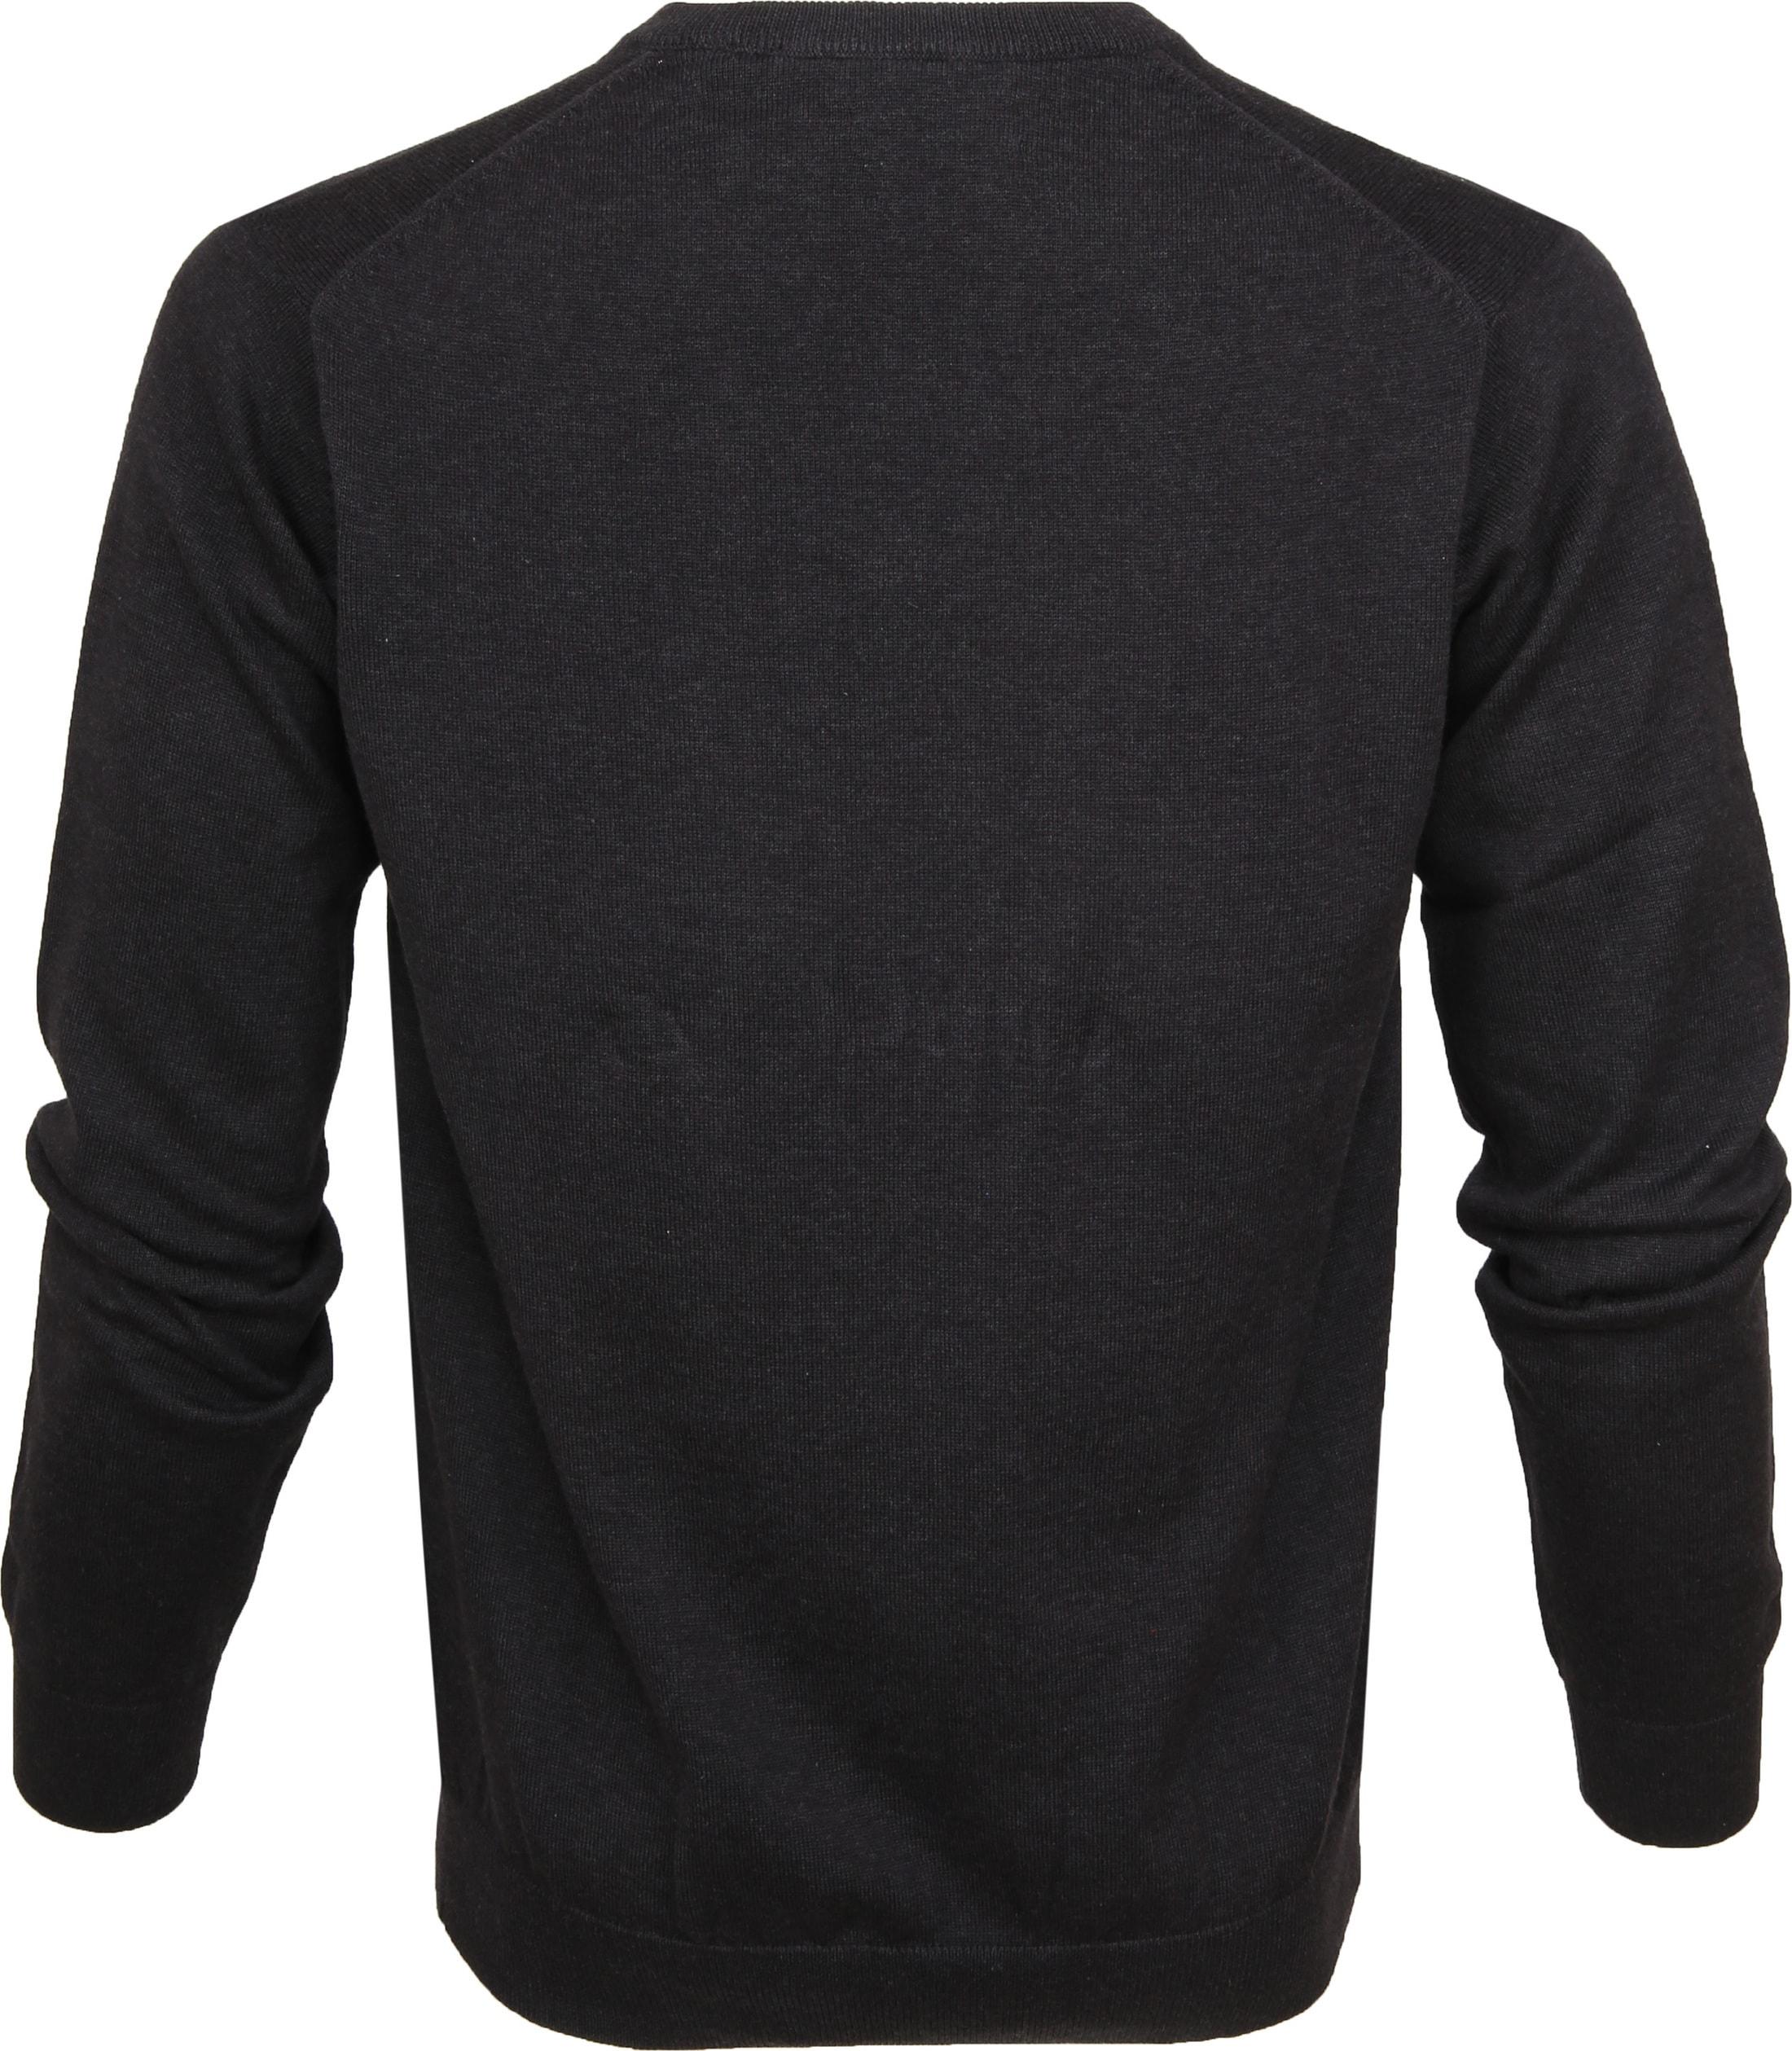 Gant Pullover Premium V-Hals Antraciet foto 2